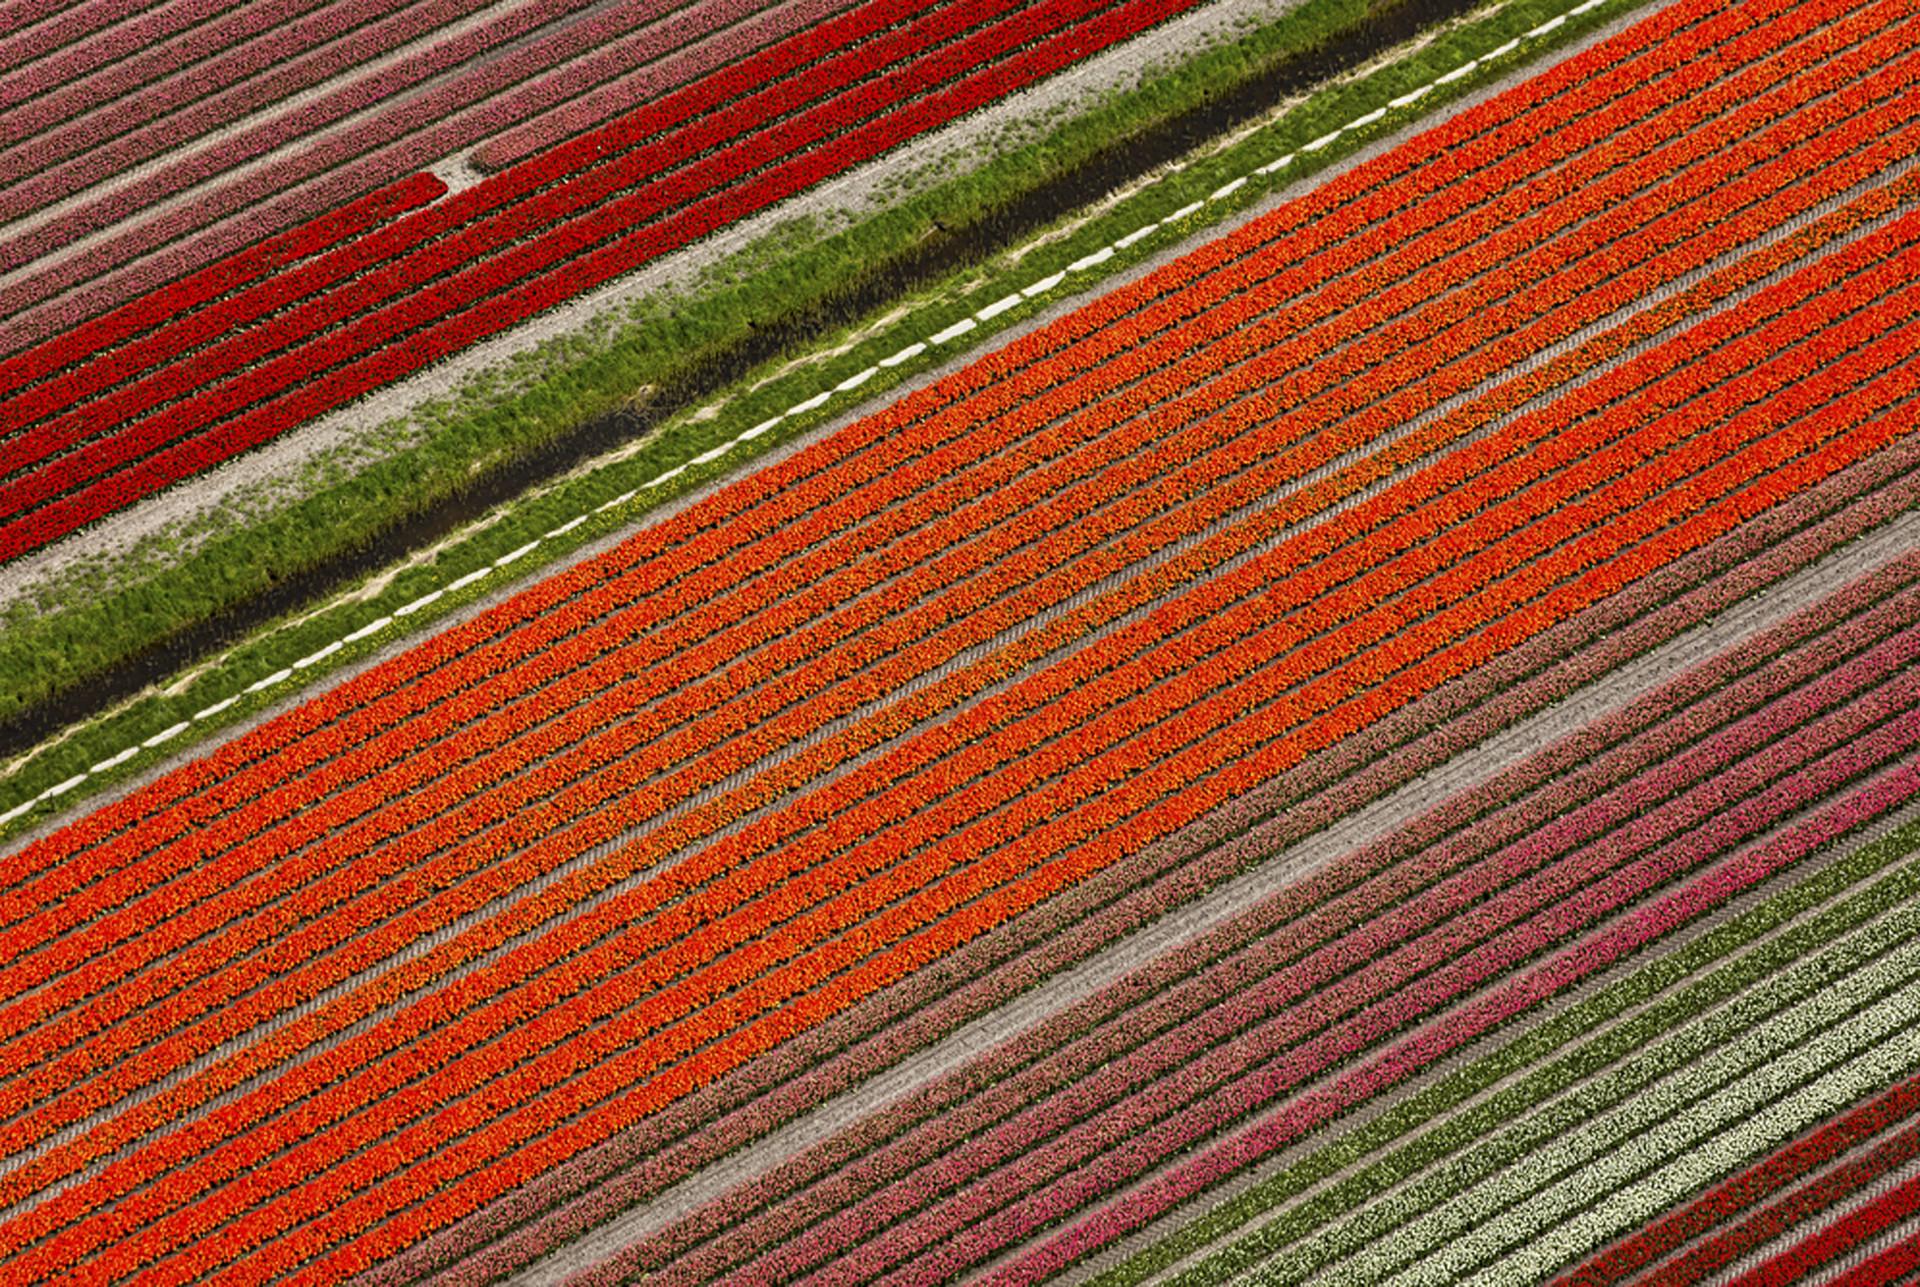 Tulipánová pole v Holandsku